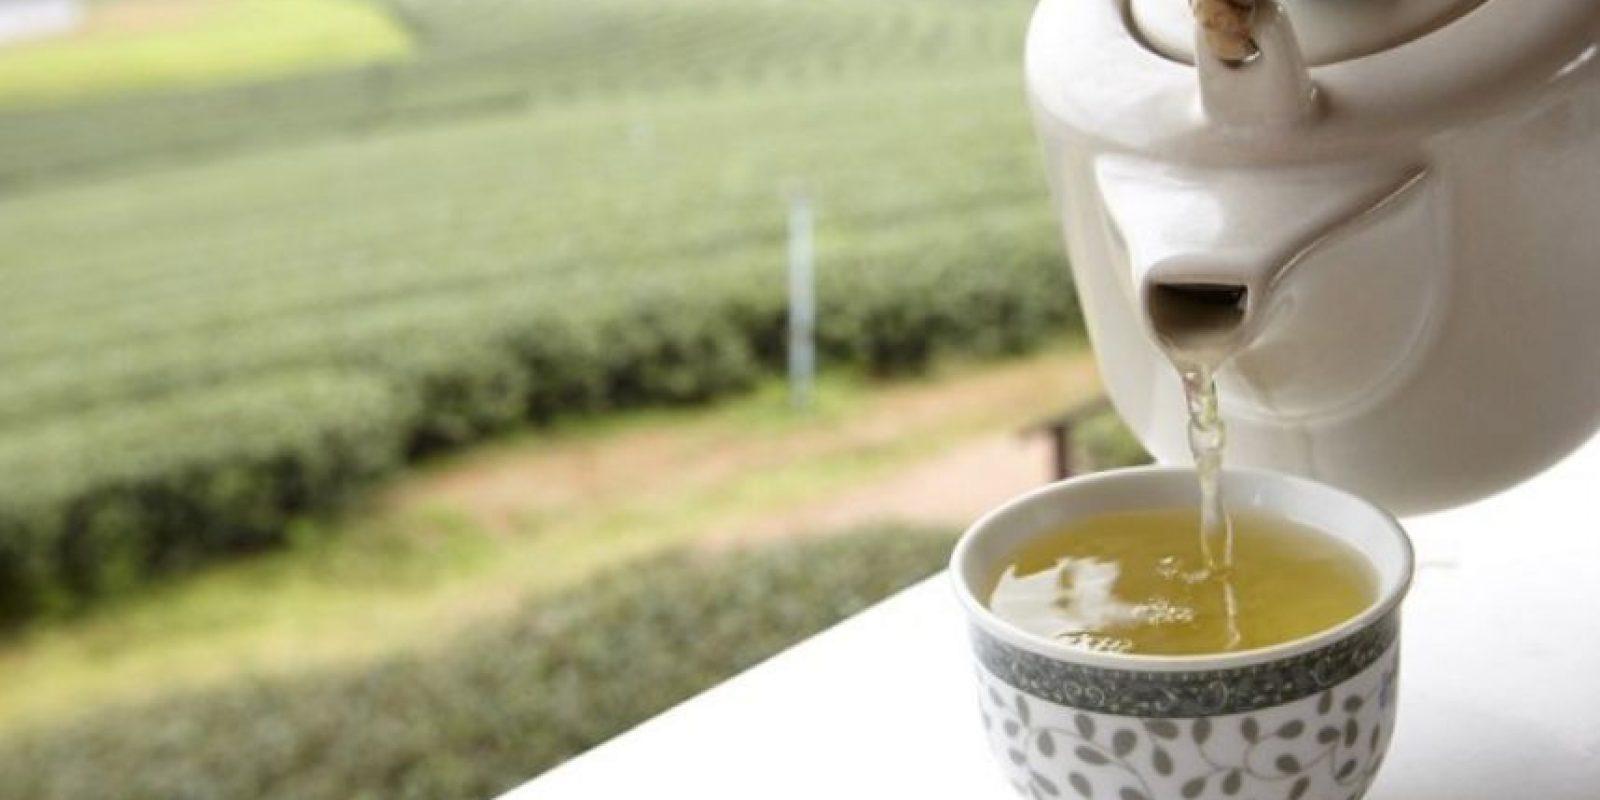 El té blanco reduce el colesterol y reduce la presión sanguínea. Foto:Twitter